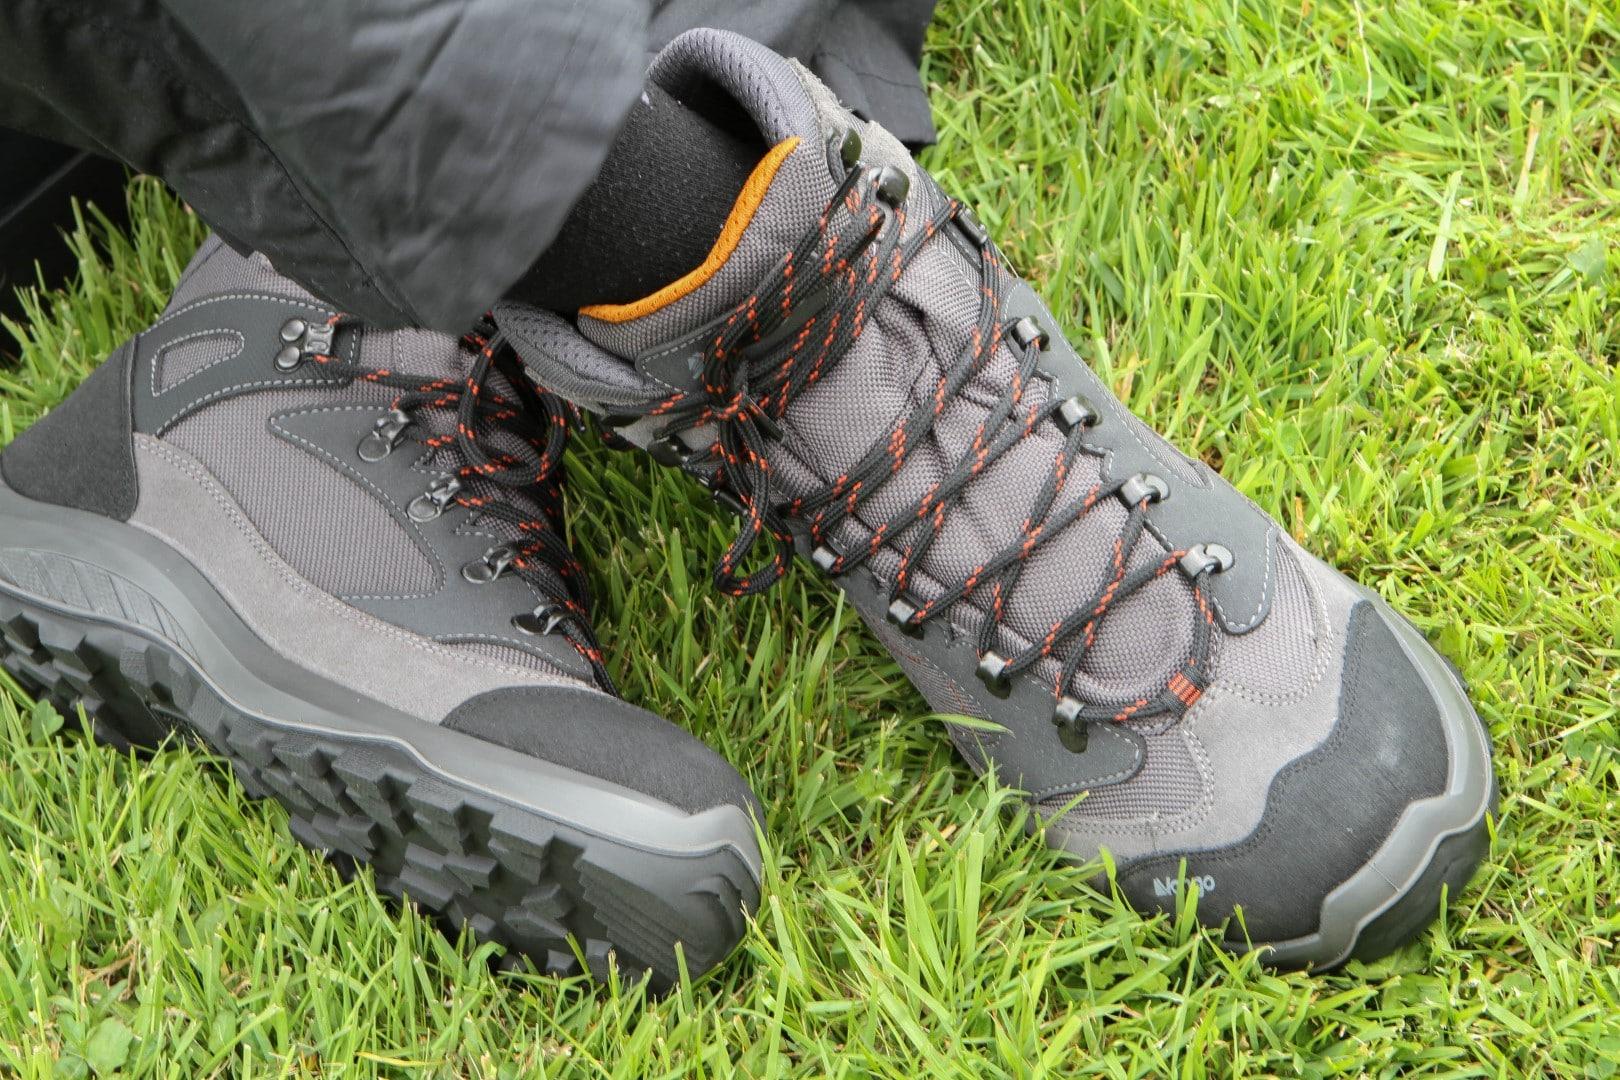 Vango boots